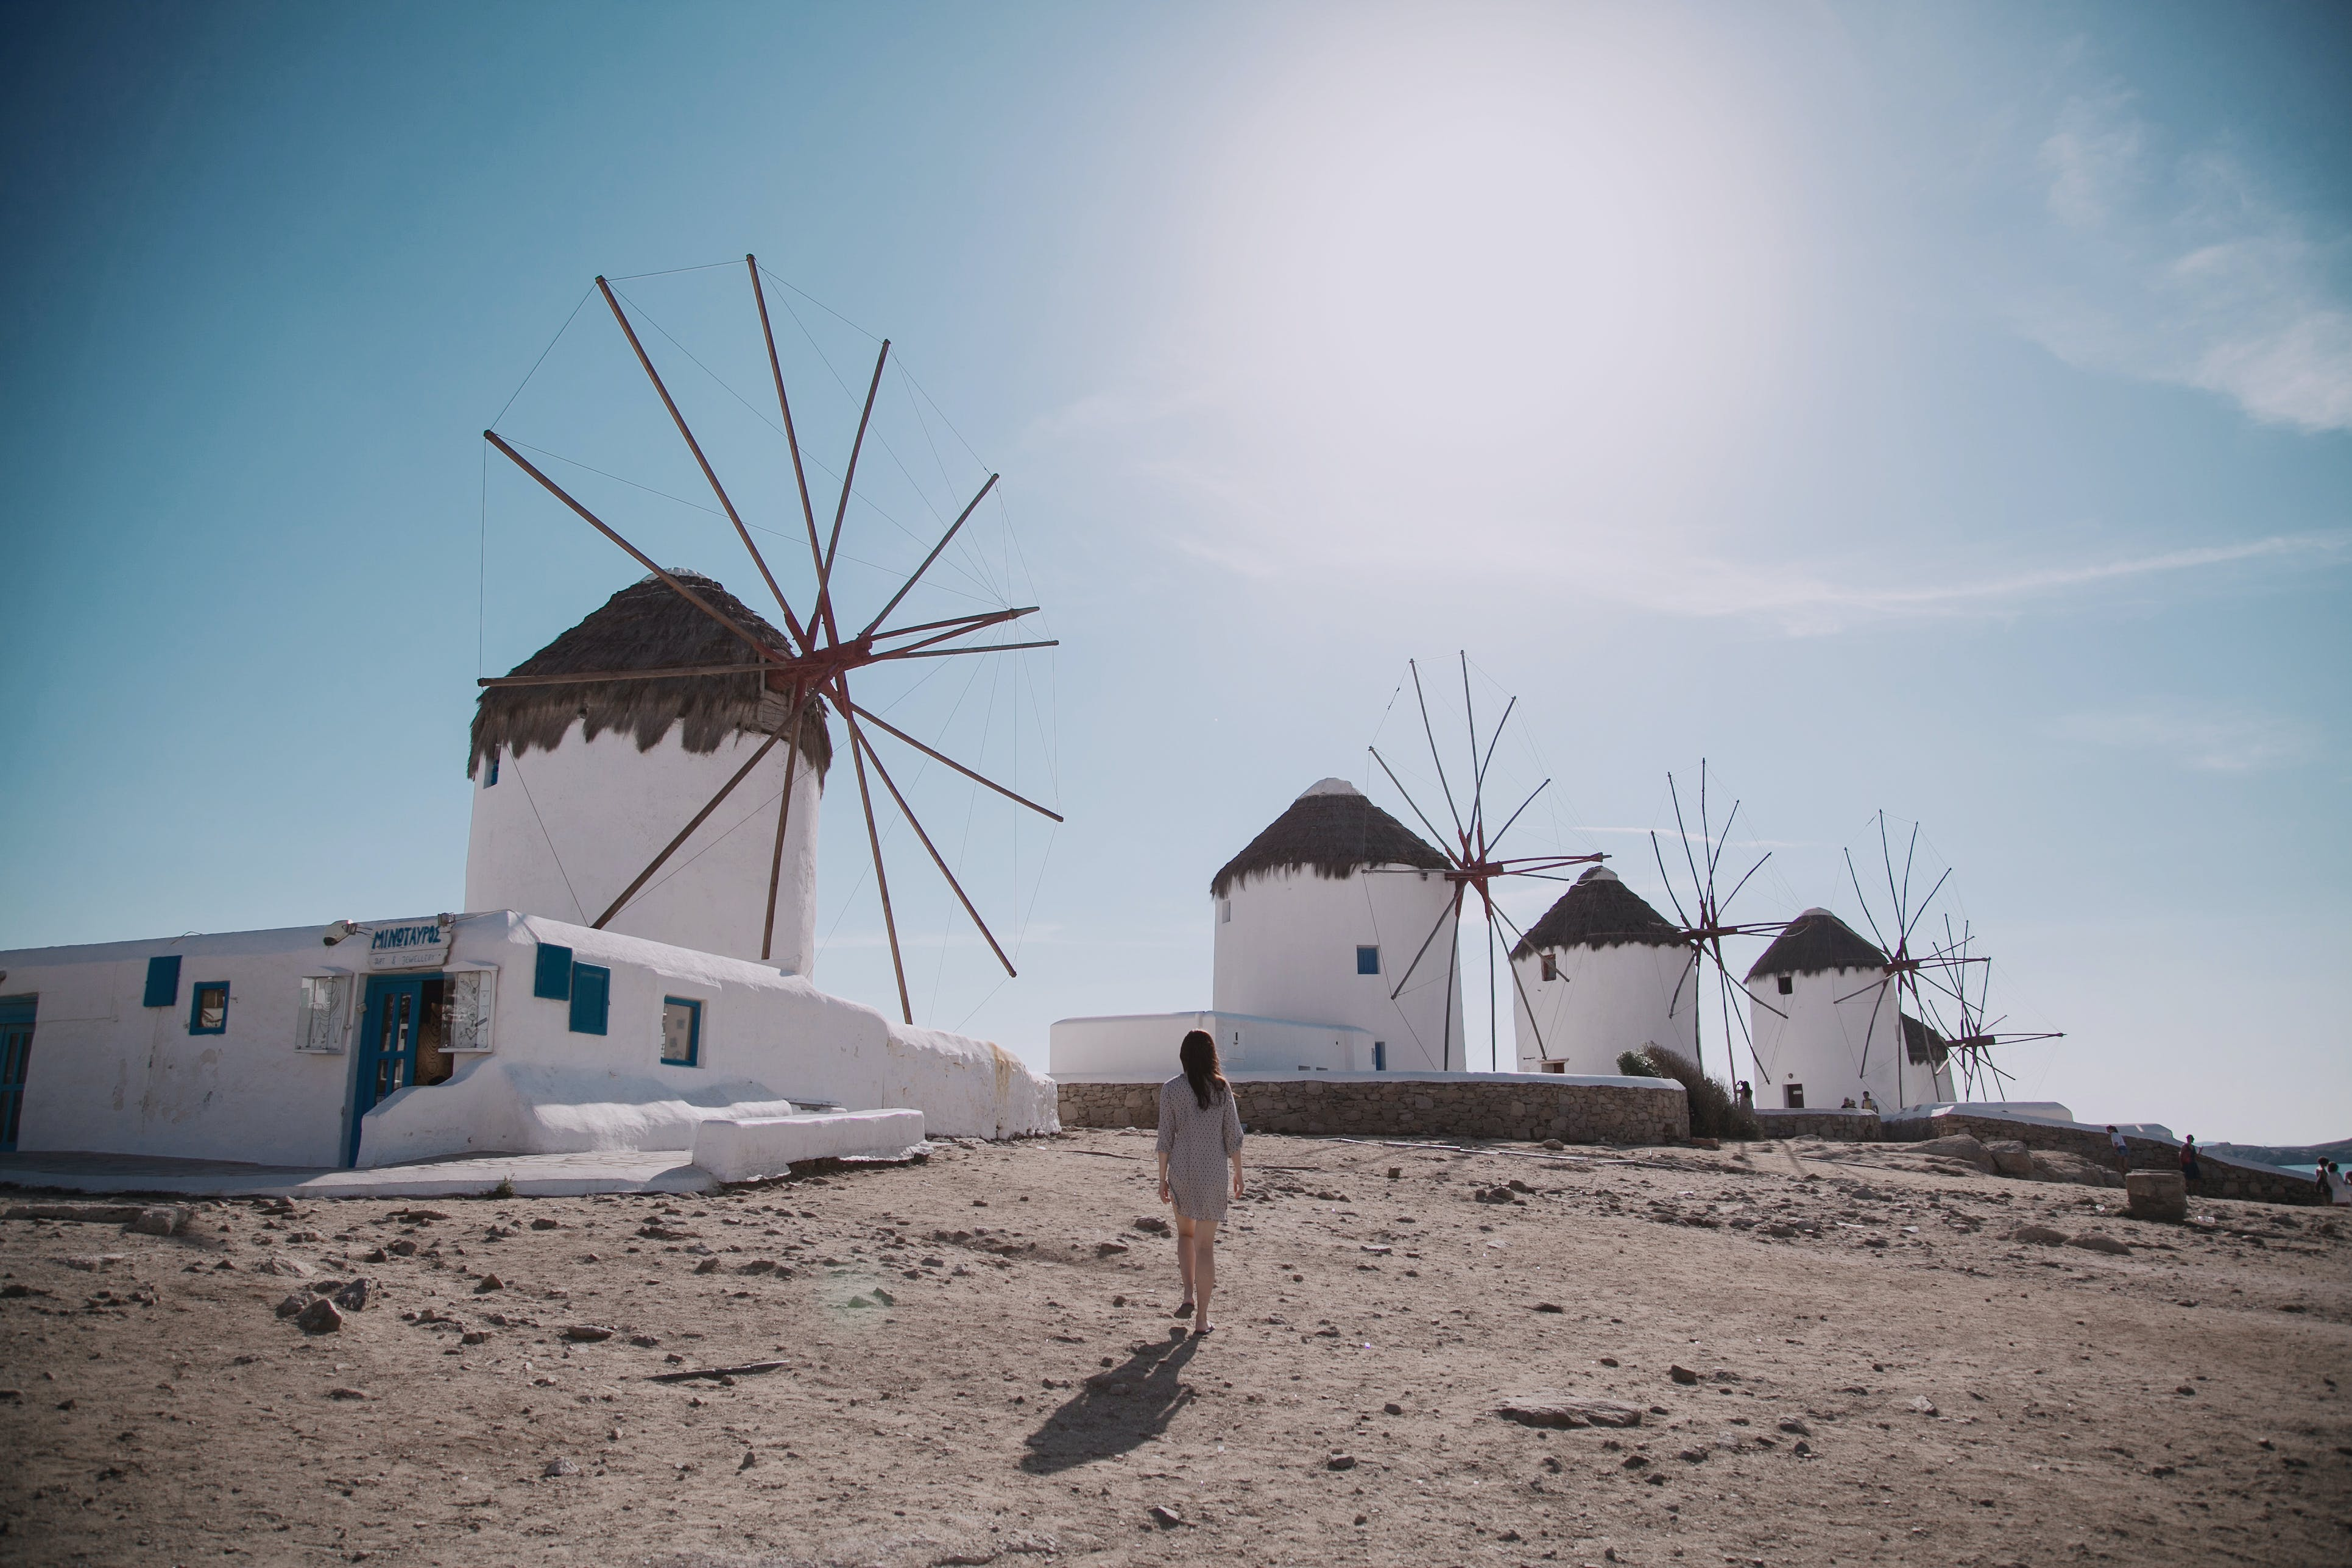 Безкоштовне стокове фото на тему «відпочинок, відпустка, вітрогенератори, вітряки»